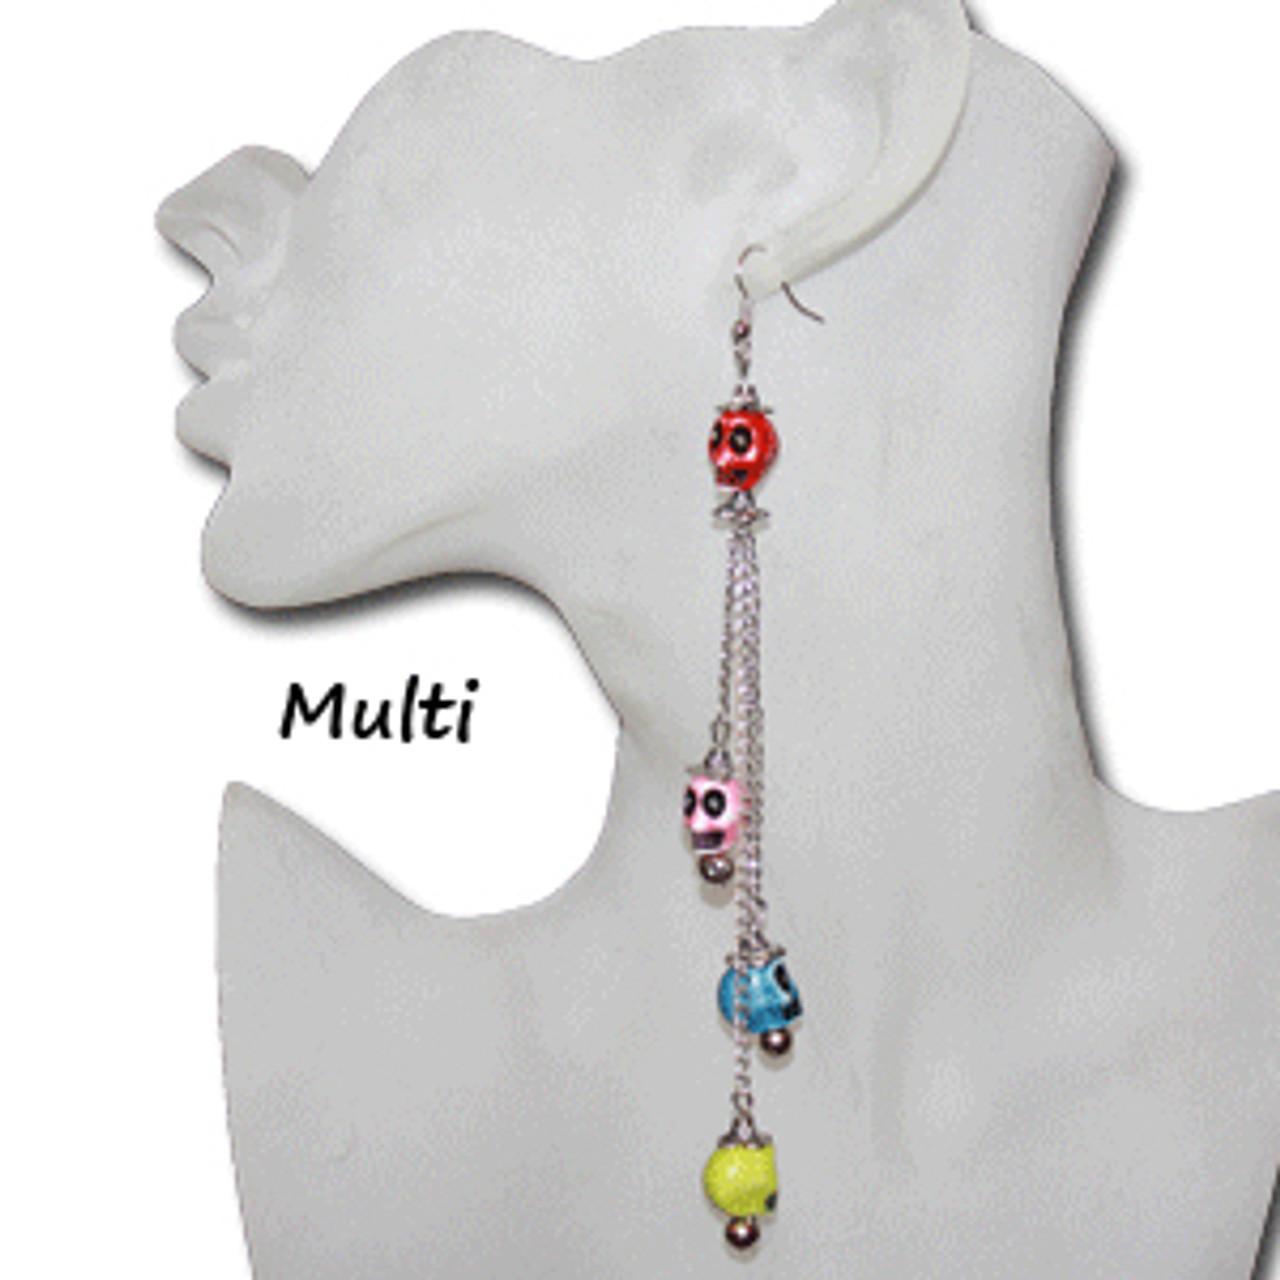 Skulls on chain earrings